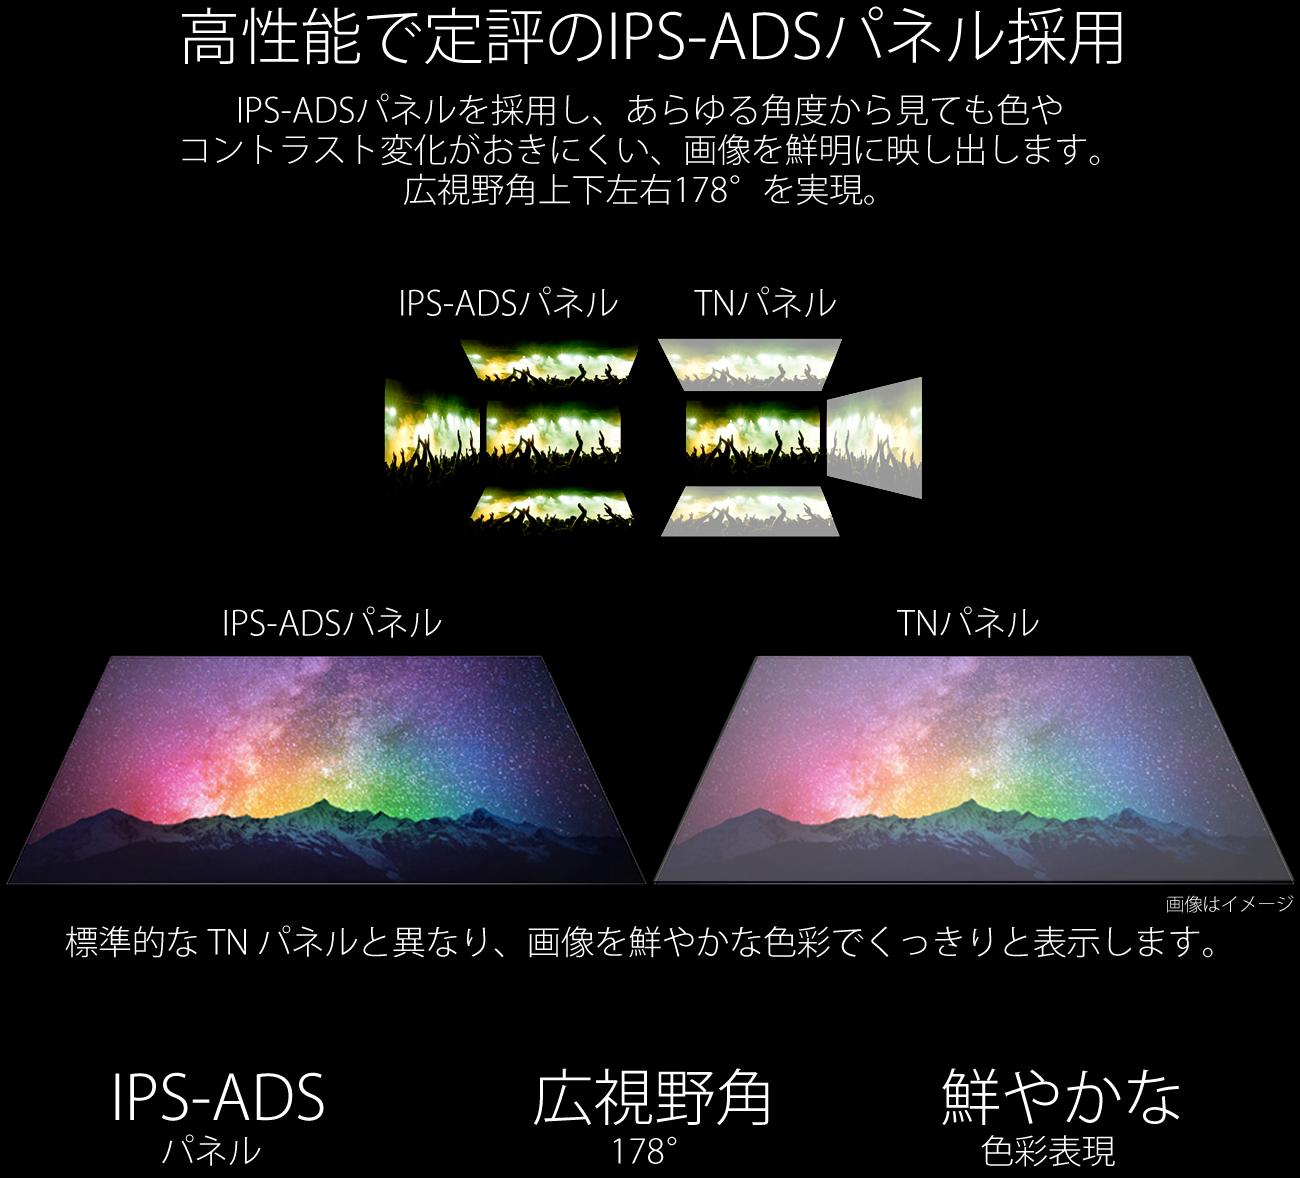 標準的なTNパネルと異なり、画像を鮮やかな色彩でくっきりと表示します。快適な写真鑑賞やウェブブラウズができるのたけでなく、色の正確性や一貫した明るさを常に求める専門用途にも最適です。